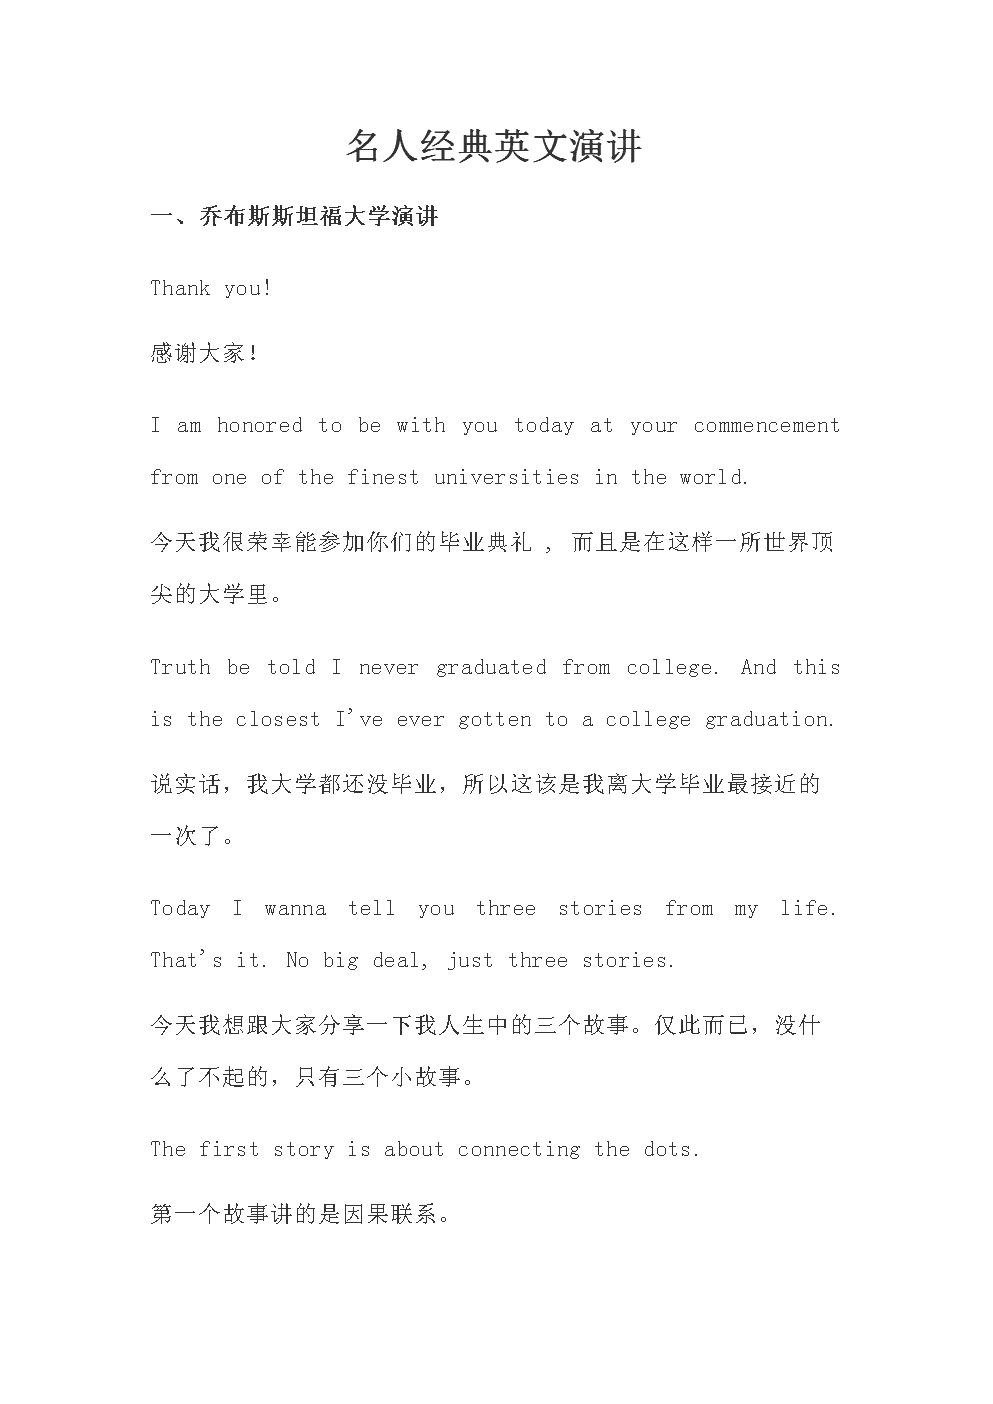 名人经典英文演讲.docx